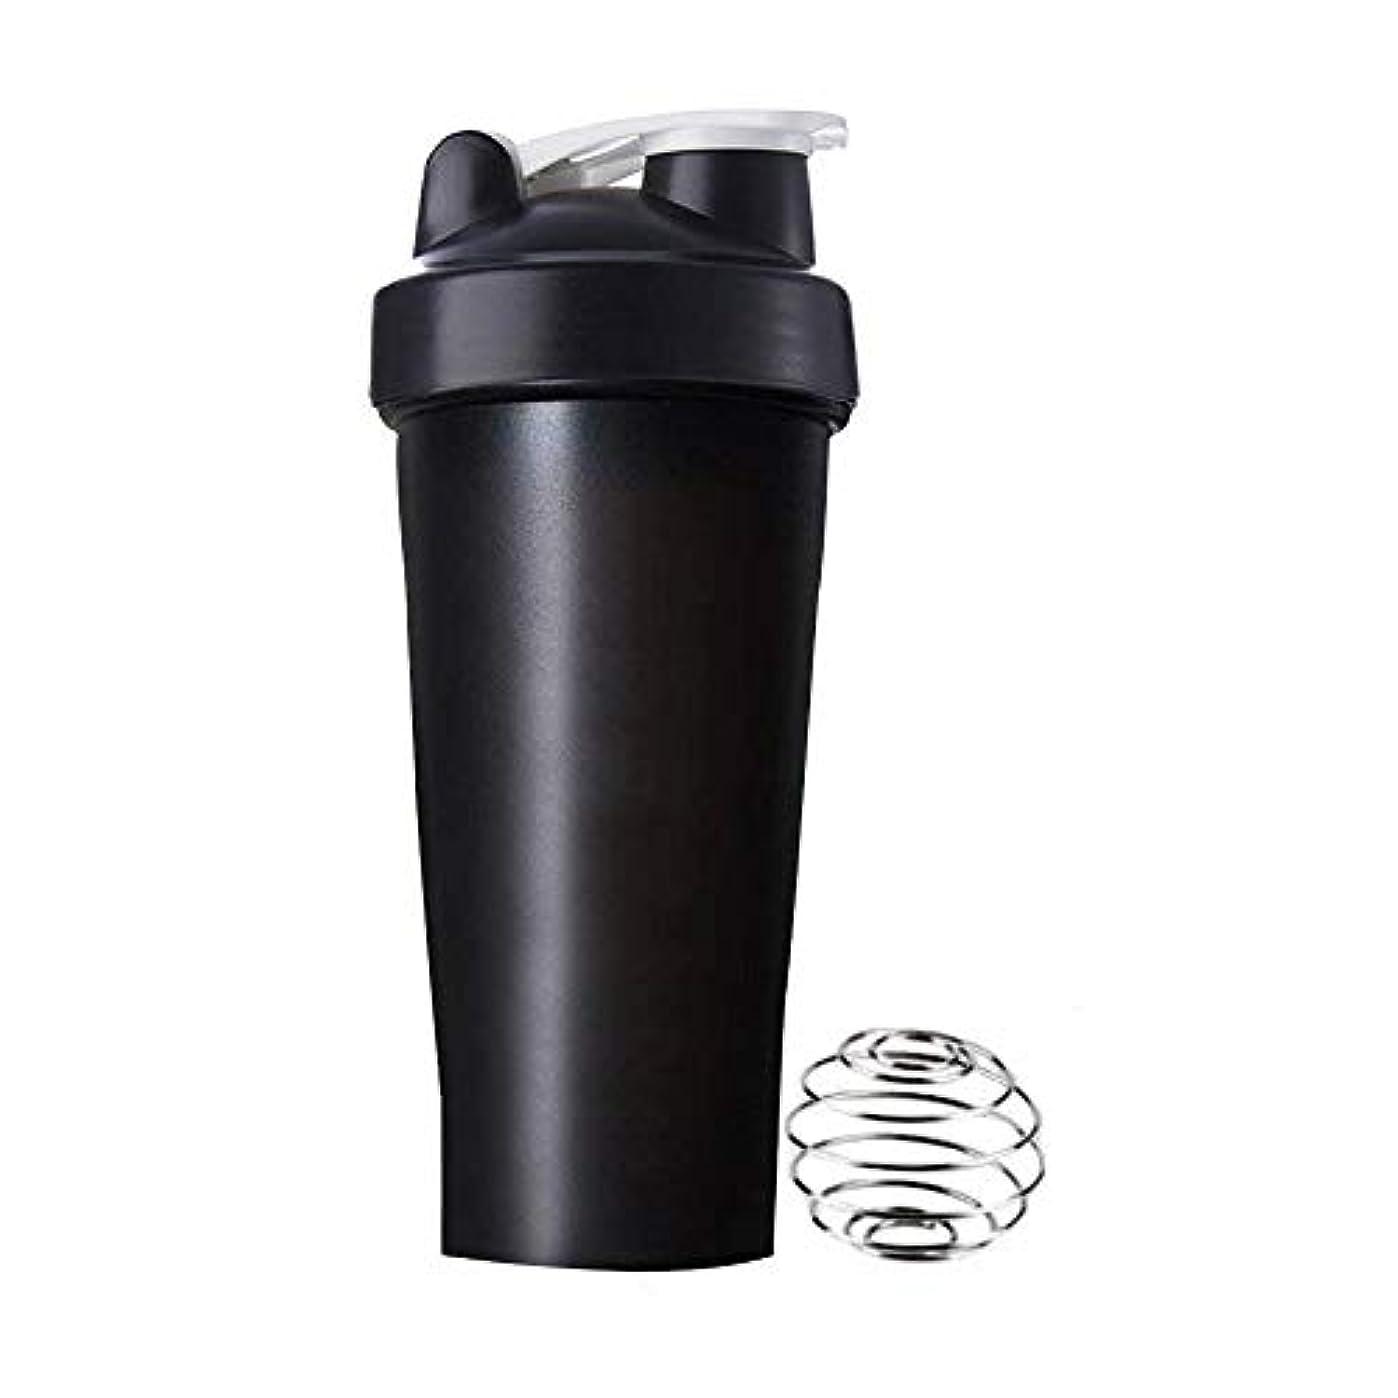 に対応濃度序文gundoop プロテインシェイカー 直飲み プラスチックウォーターボトル ジム シェーカーボトル 600ml